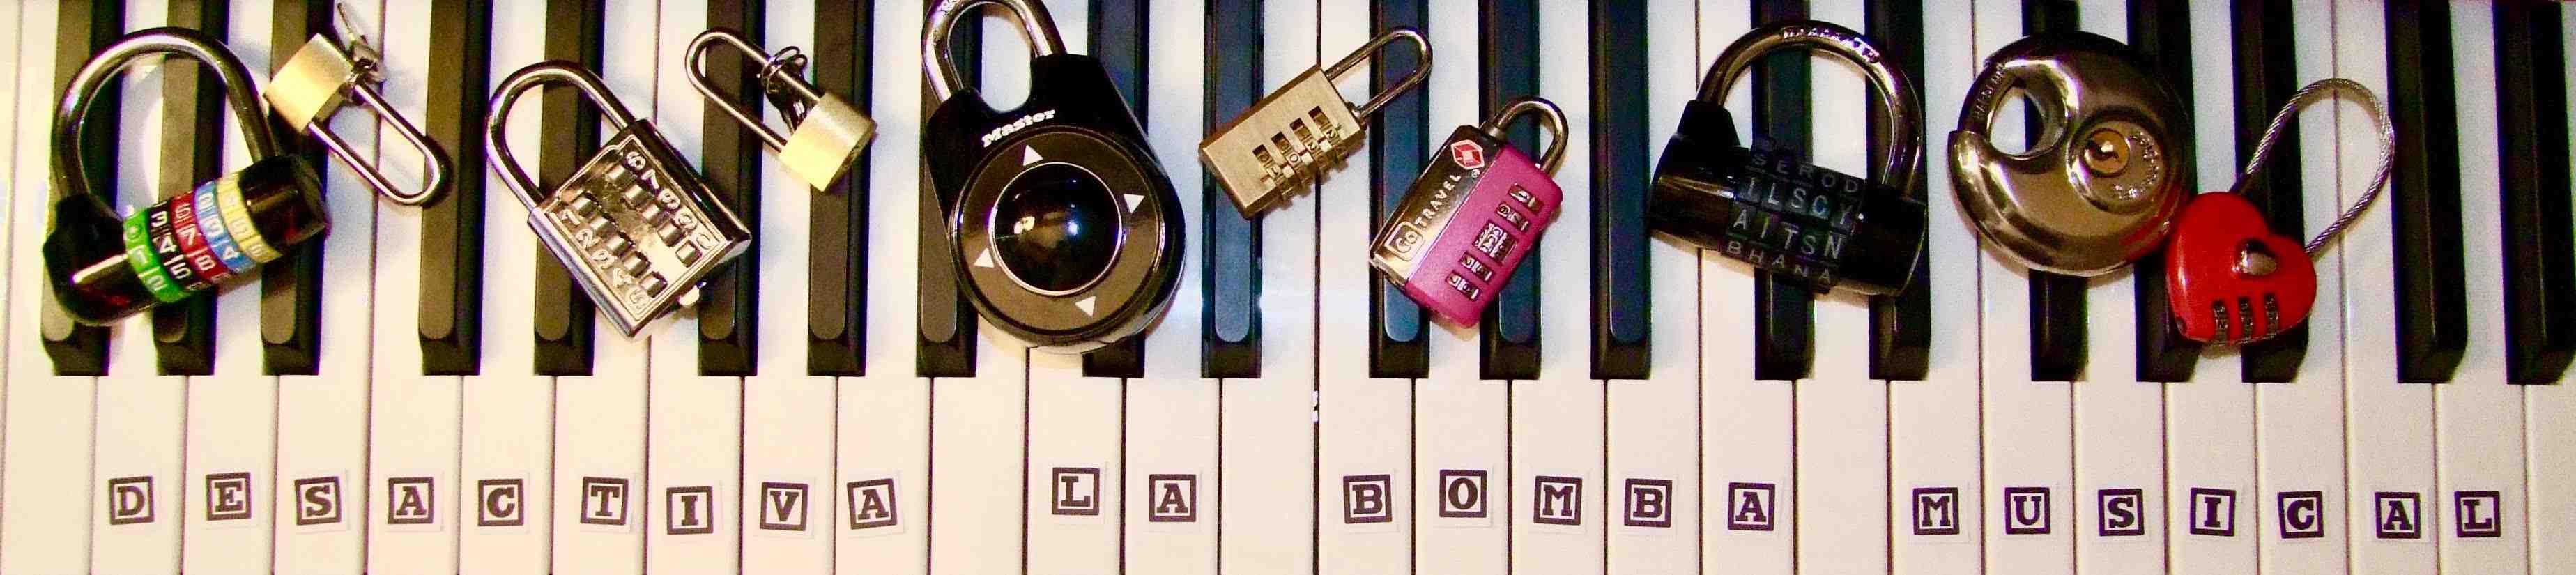 Piano desactiva la bomba musical